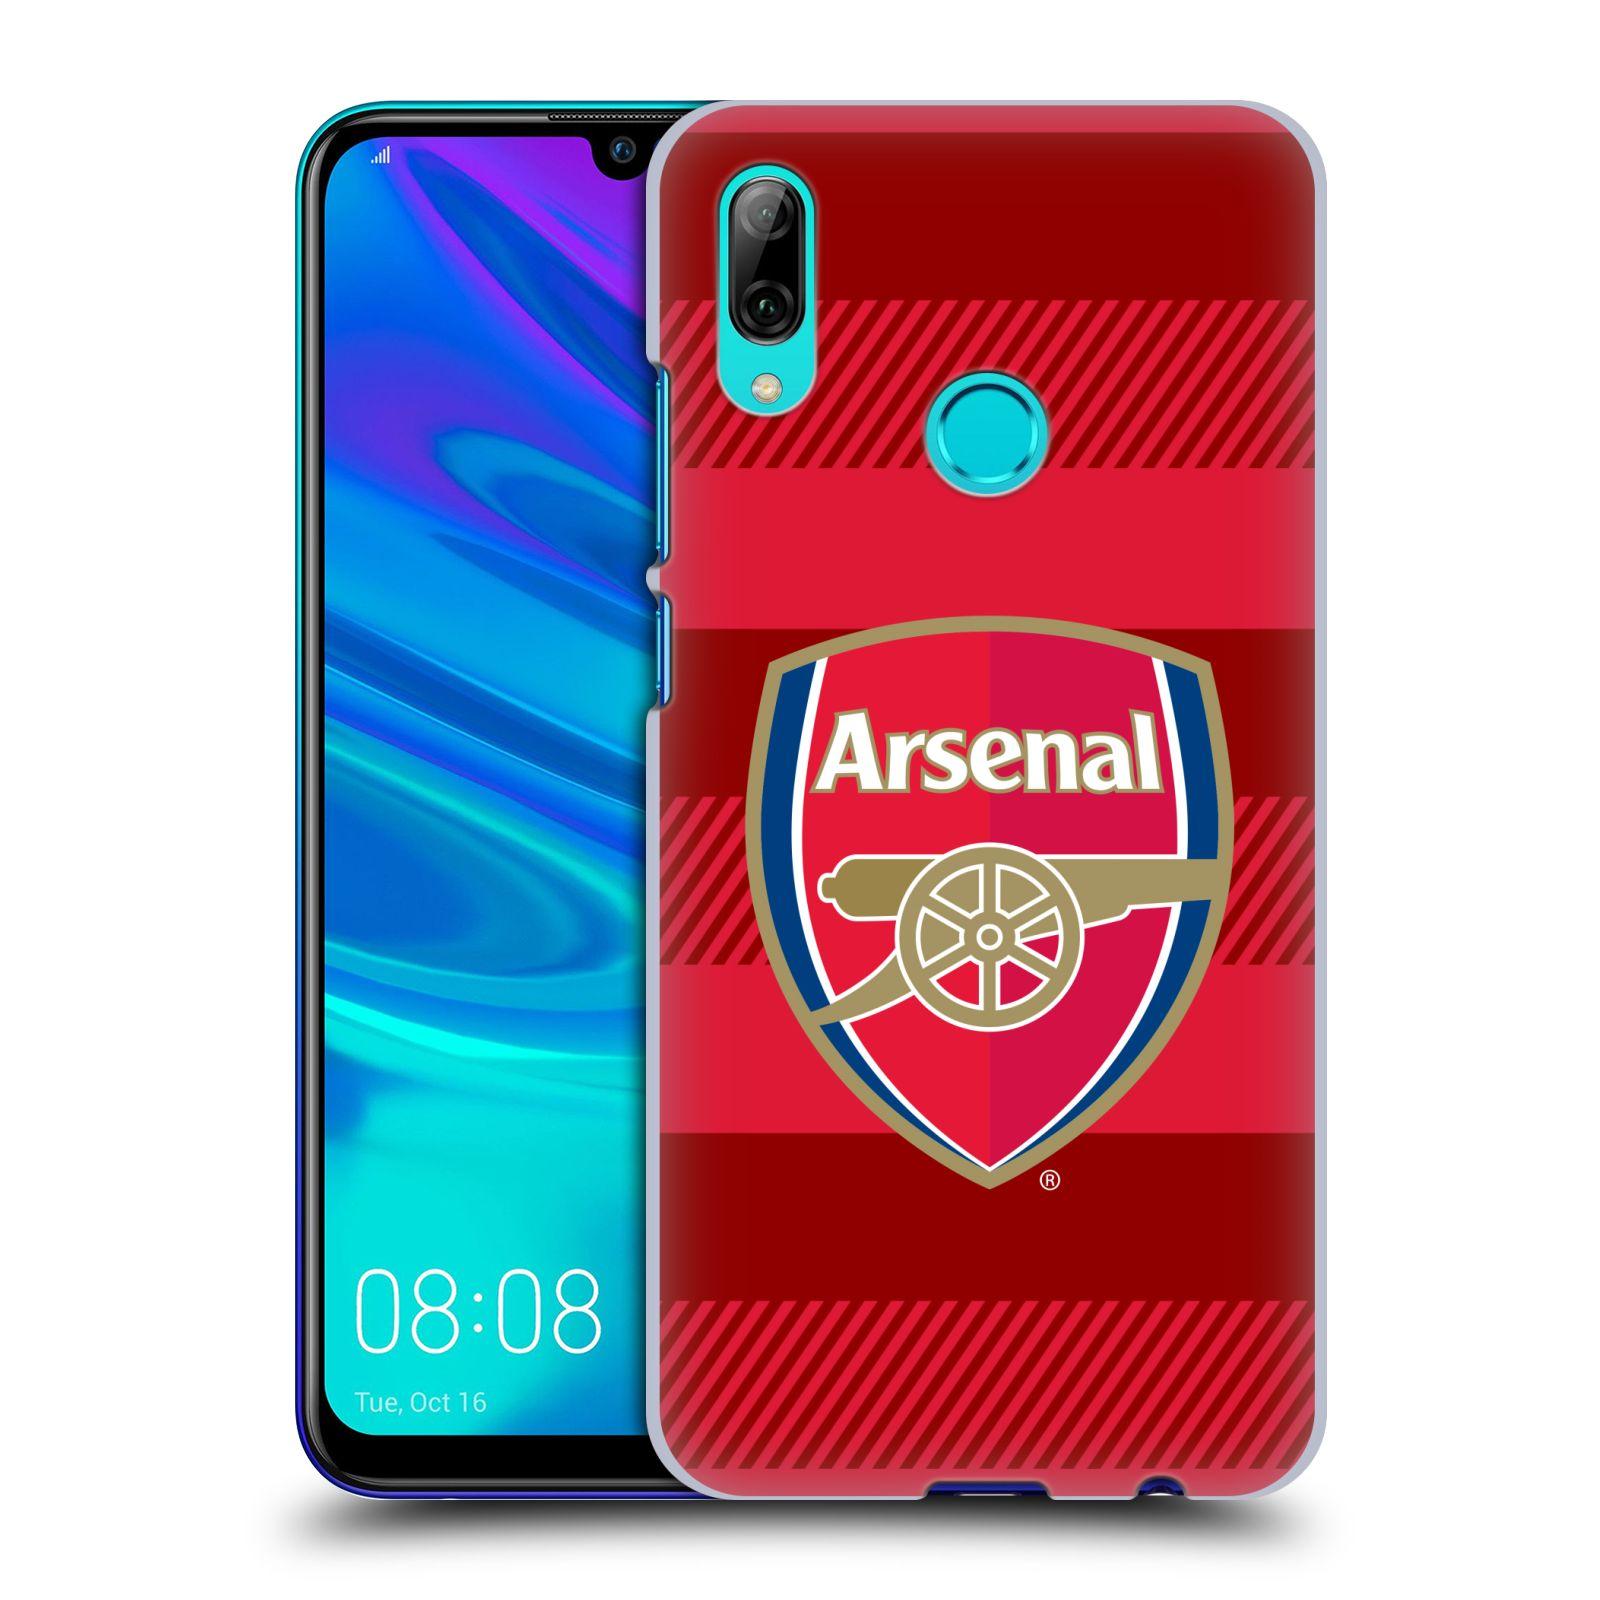 Plastové pouzdro na mobil Huawei P Smart (2019) - Head Case - Arsenal FC - Logo s pruhy